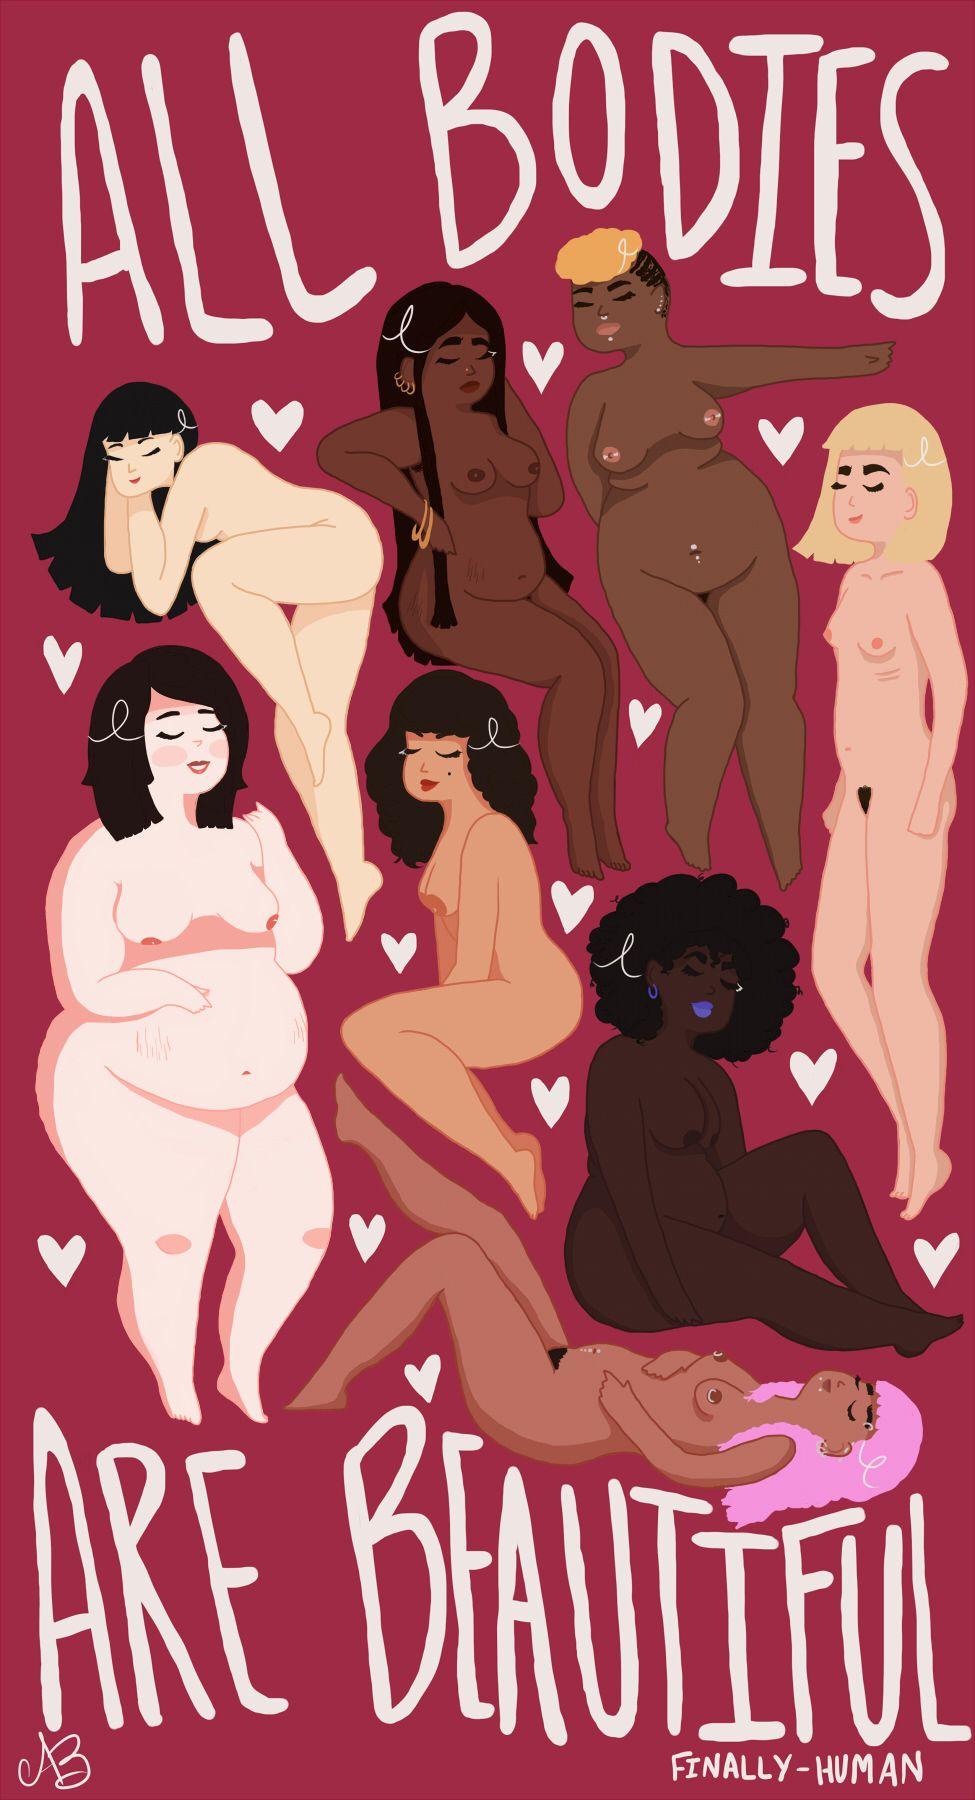 Todos os corpos são lindos!